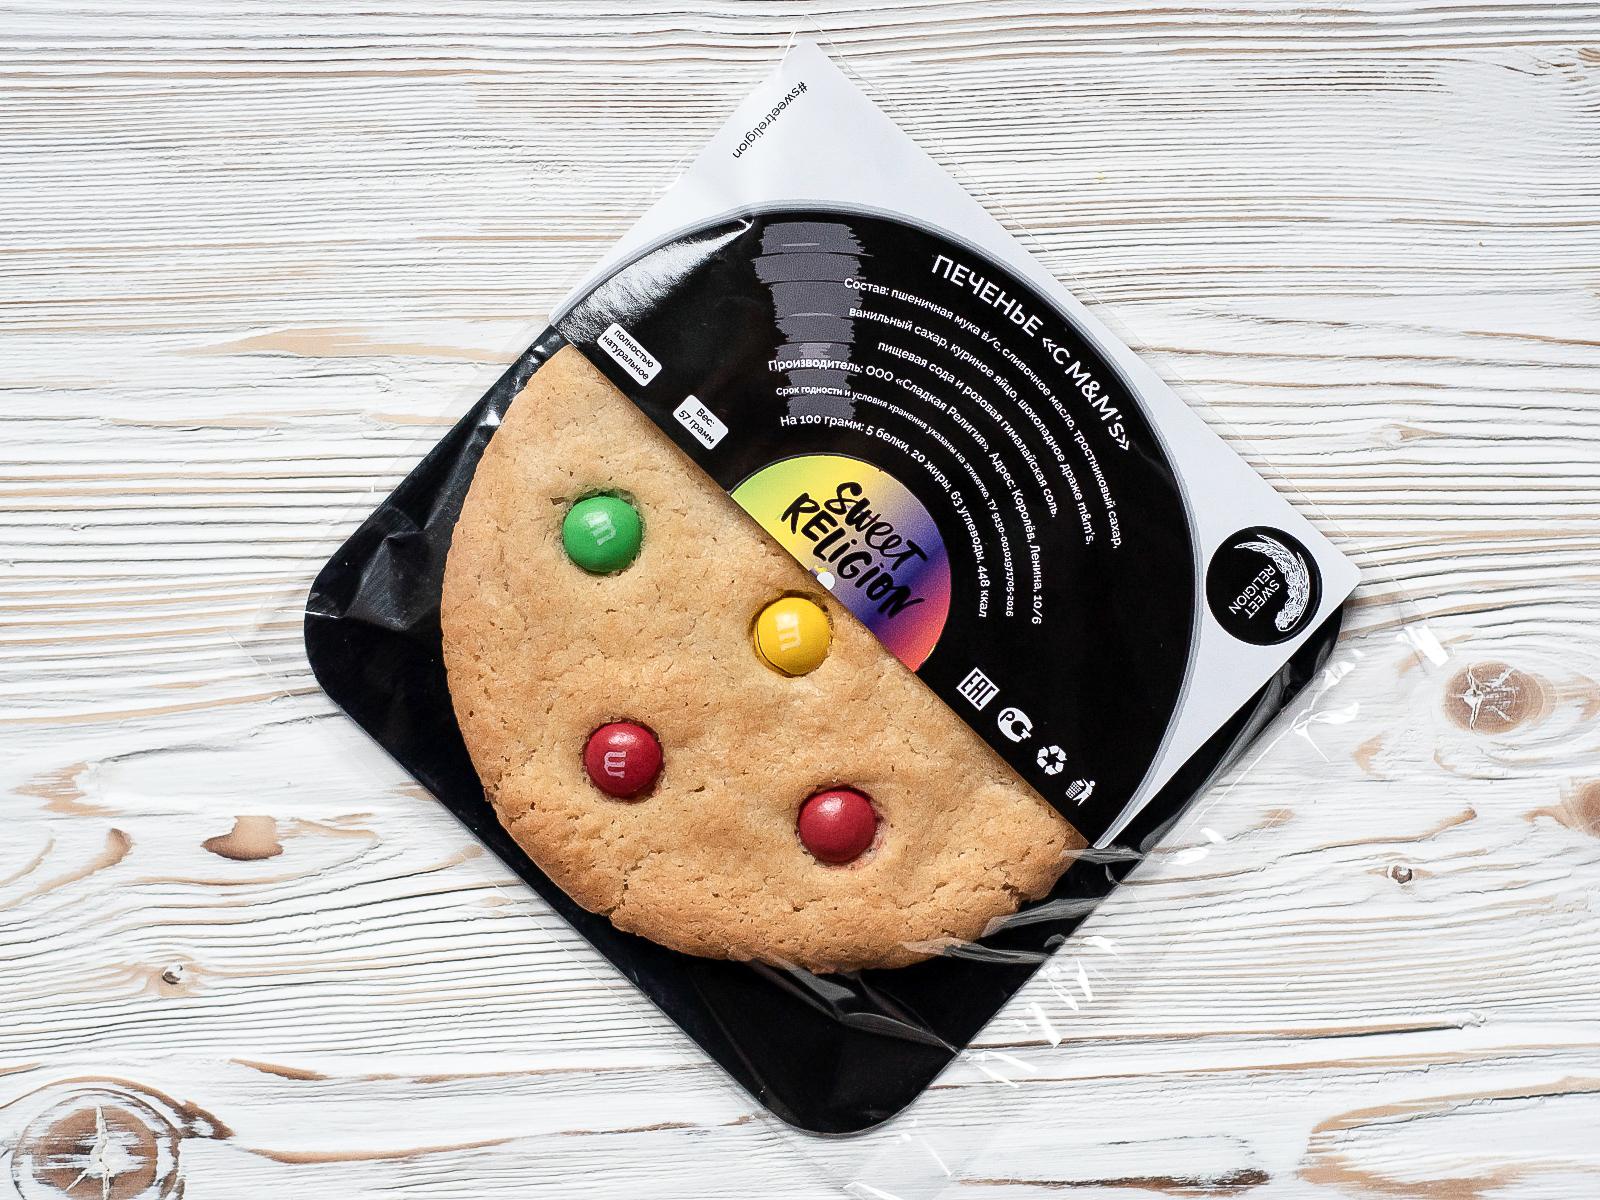 Печенье М&М's